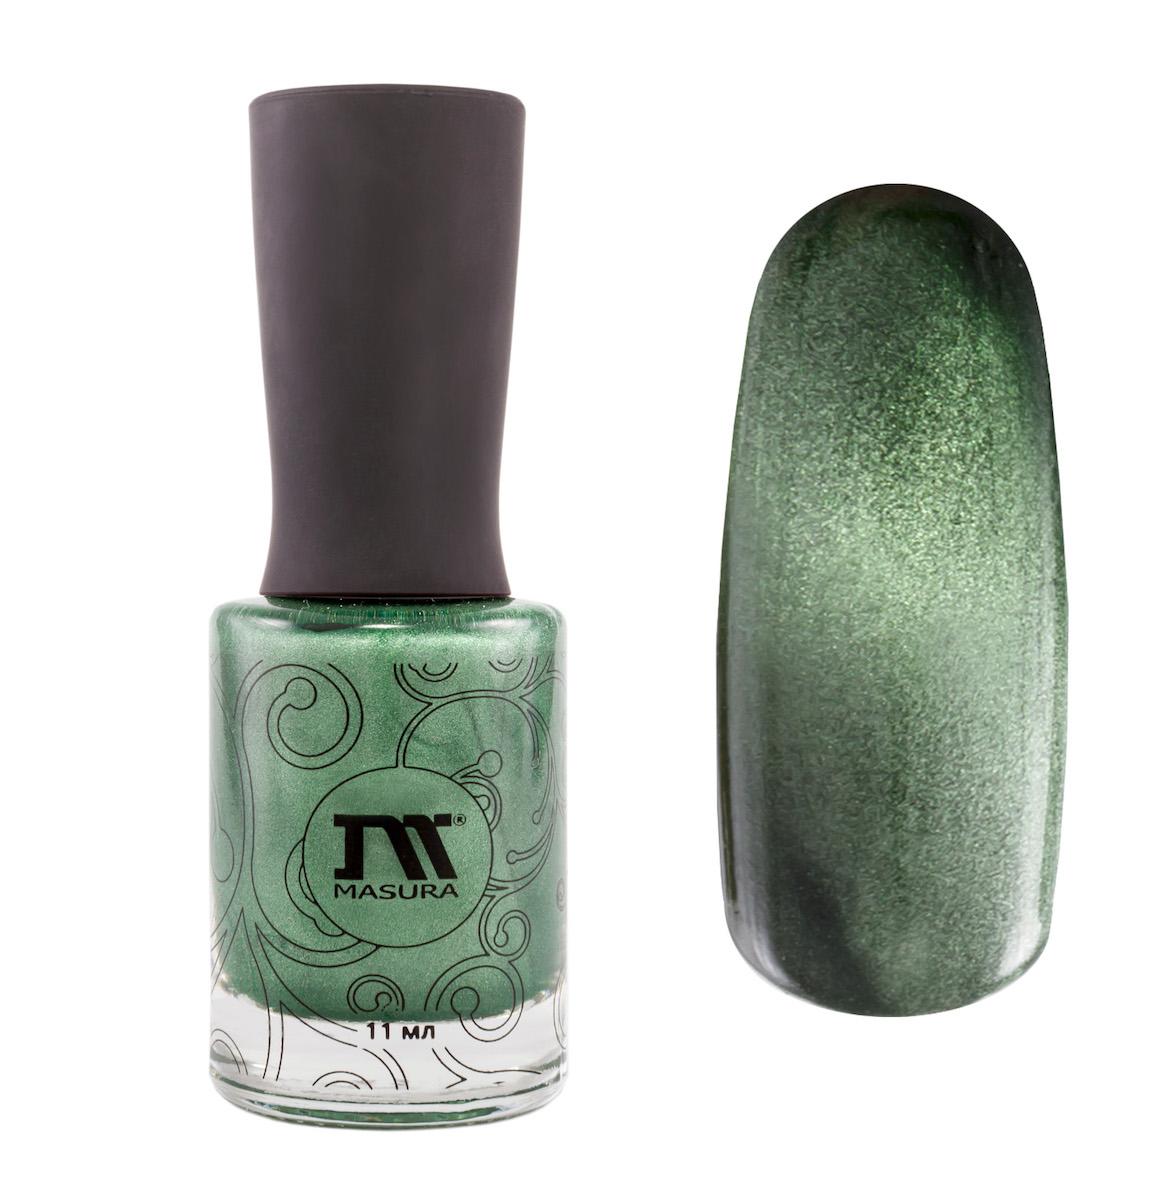 Masura Лак для ногтей Совершенный Изумруд, 11 мл904-118изумрудный